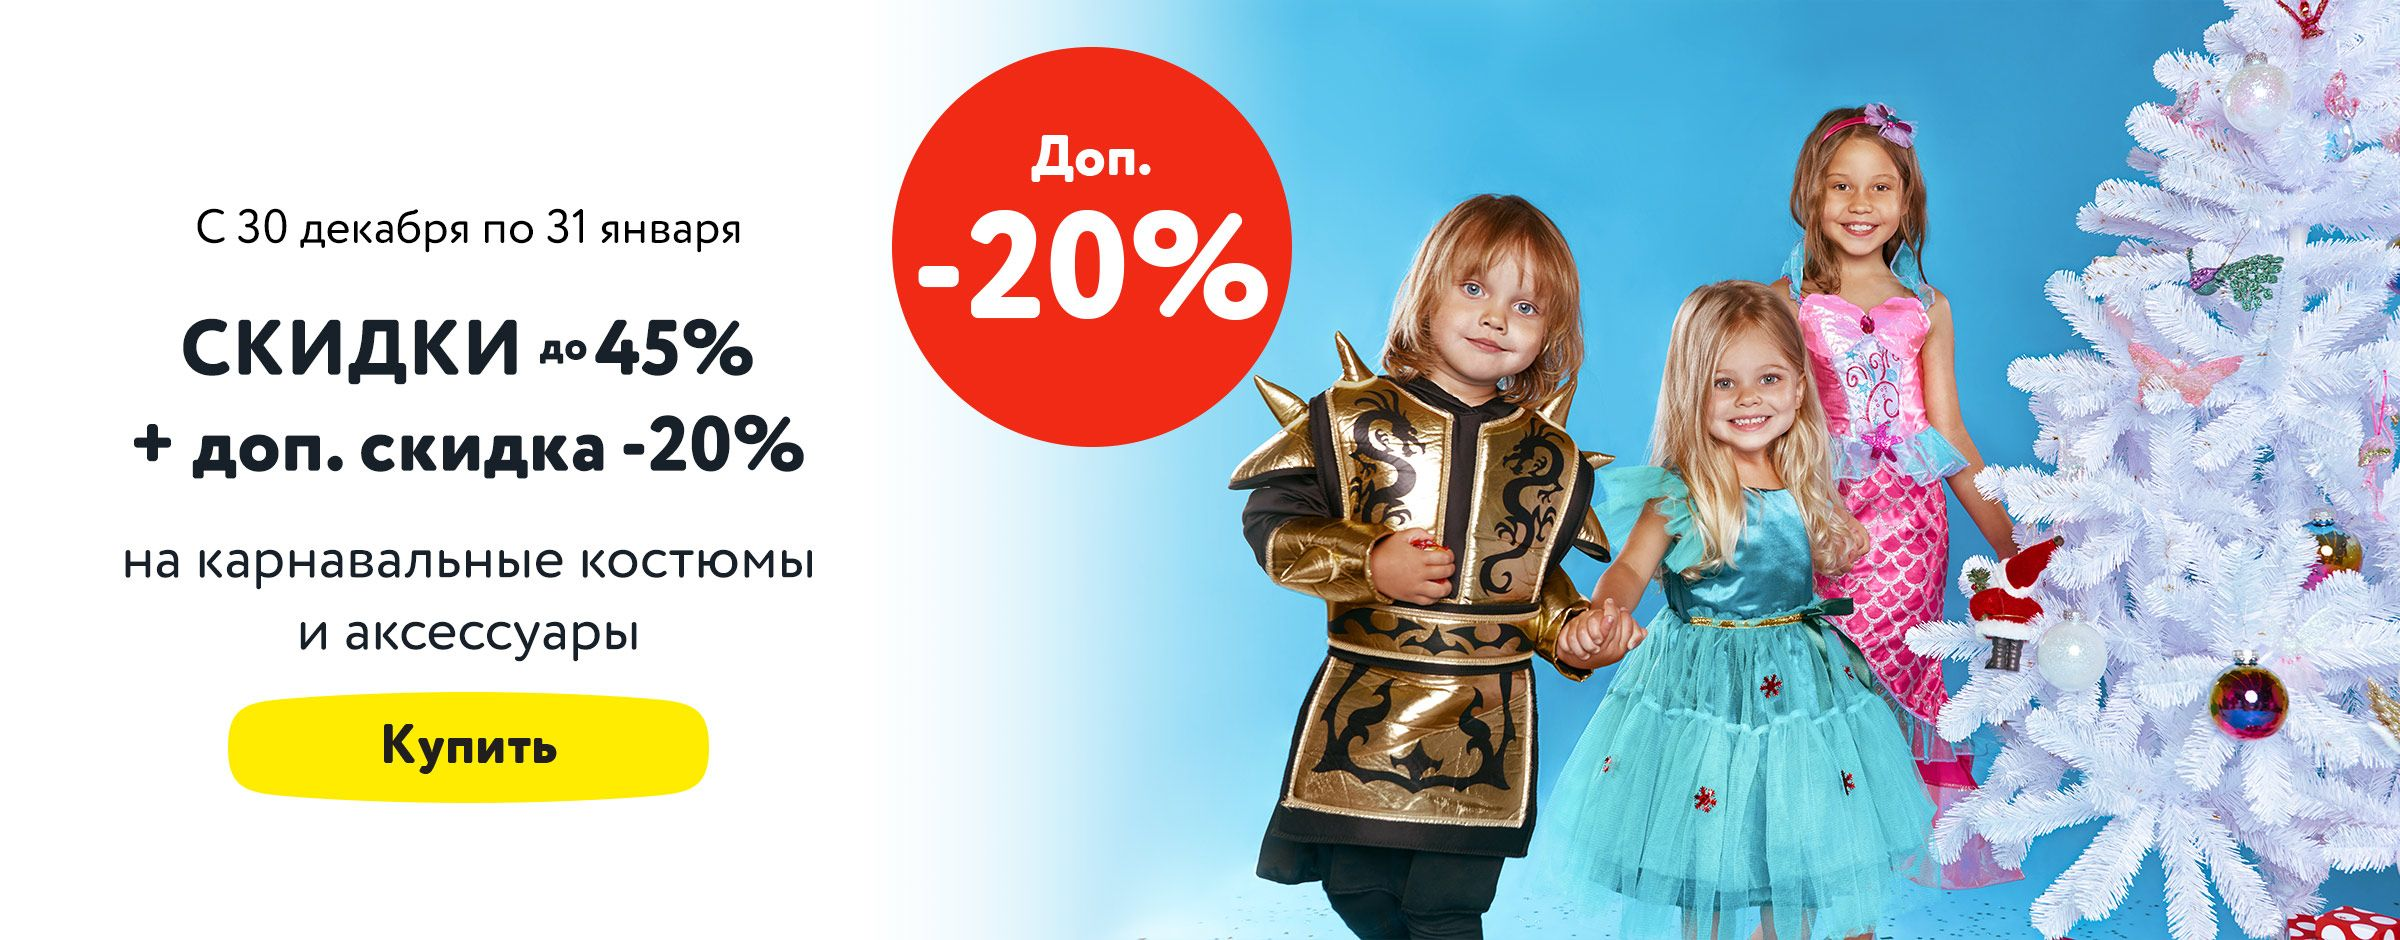 Доп 20% на карнавальные костюмы категория